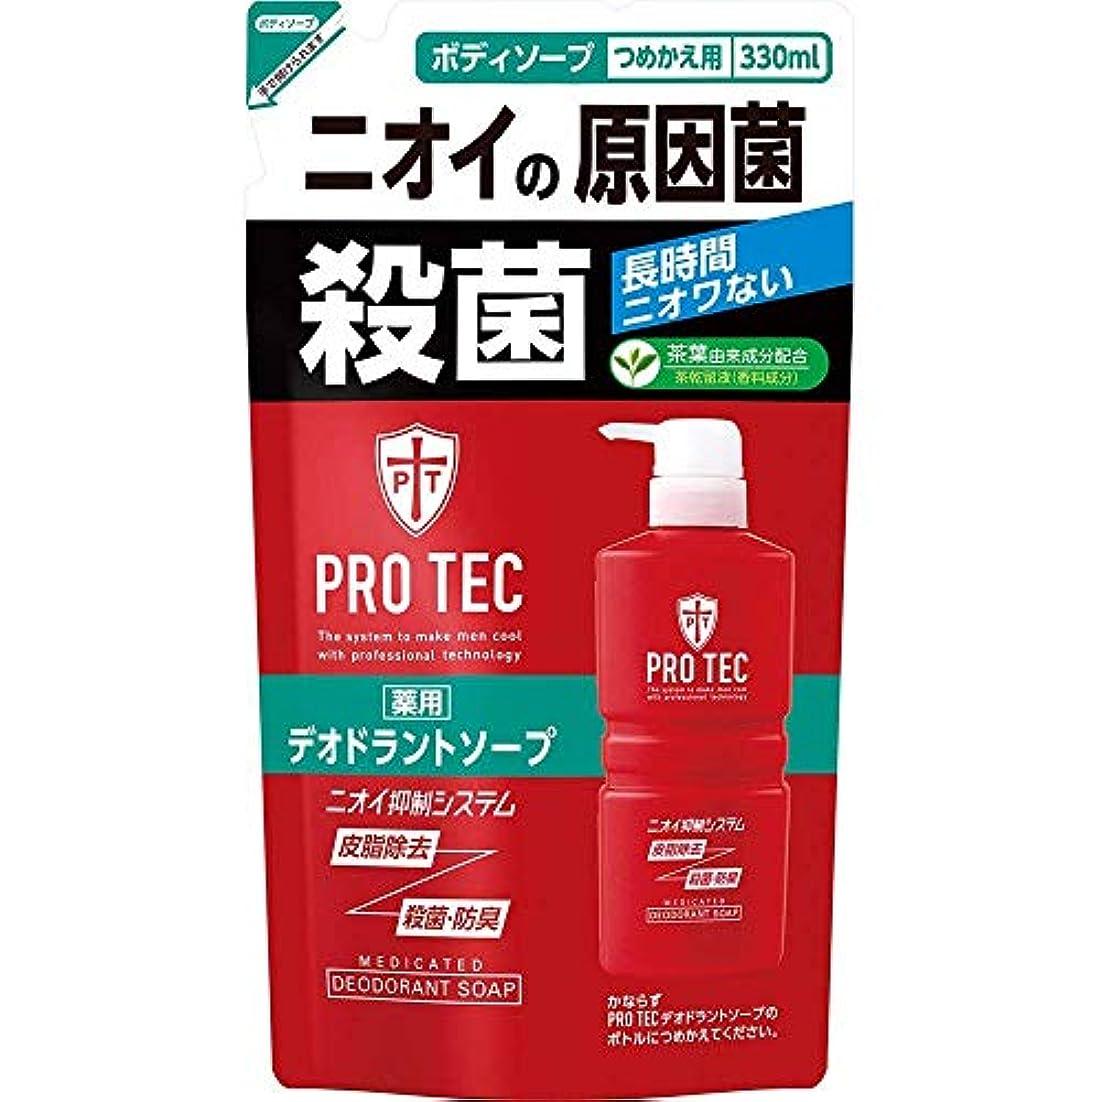 ペグシマウマ物理的にPRO TEC デオドラントソープ つめかえ用 330ml ×2セット